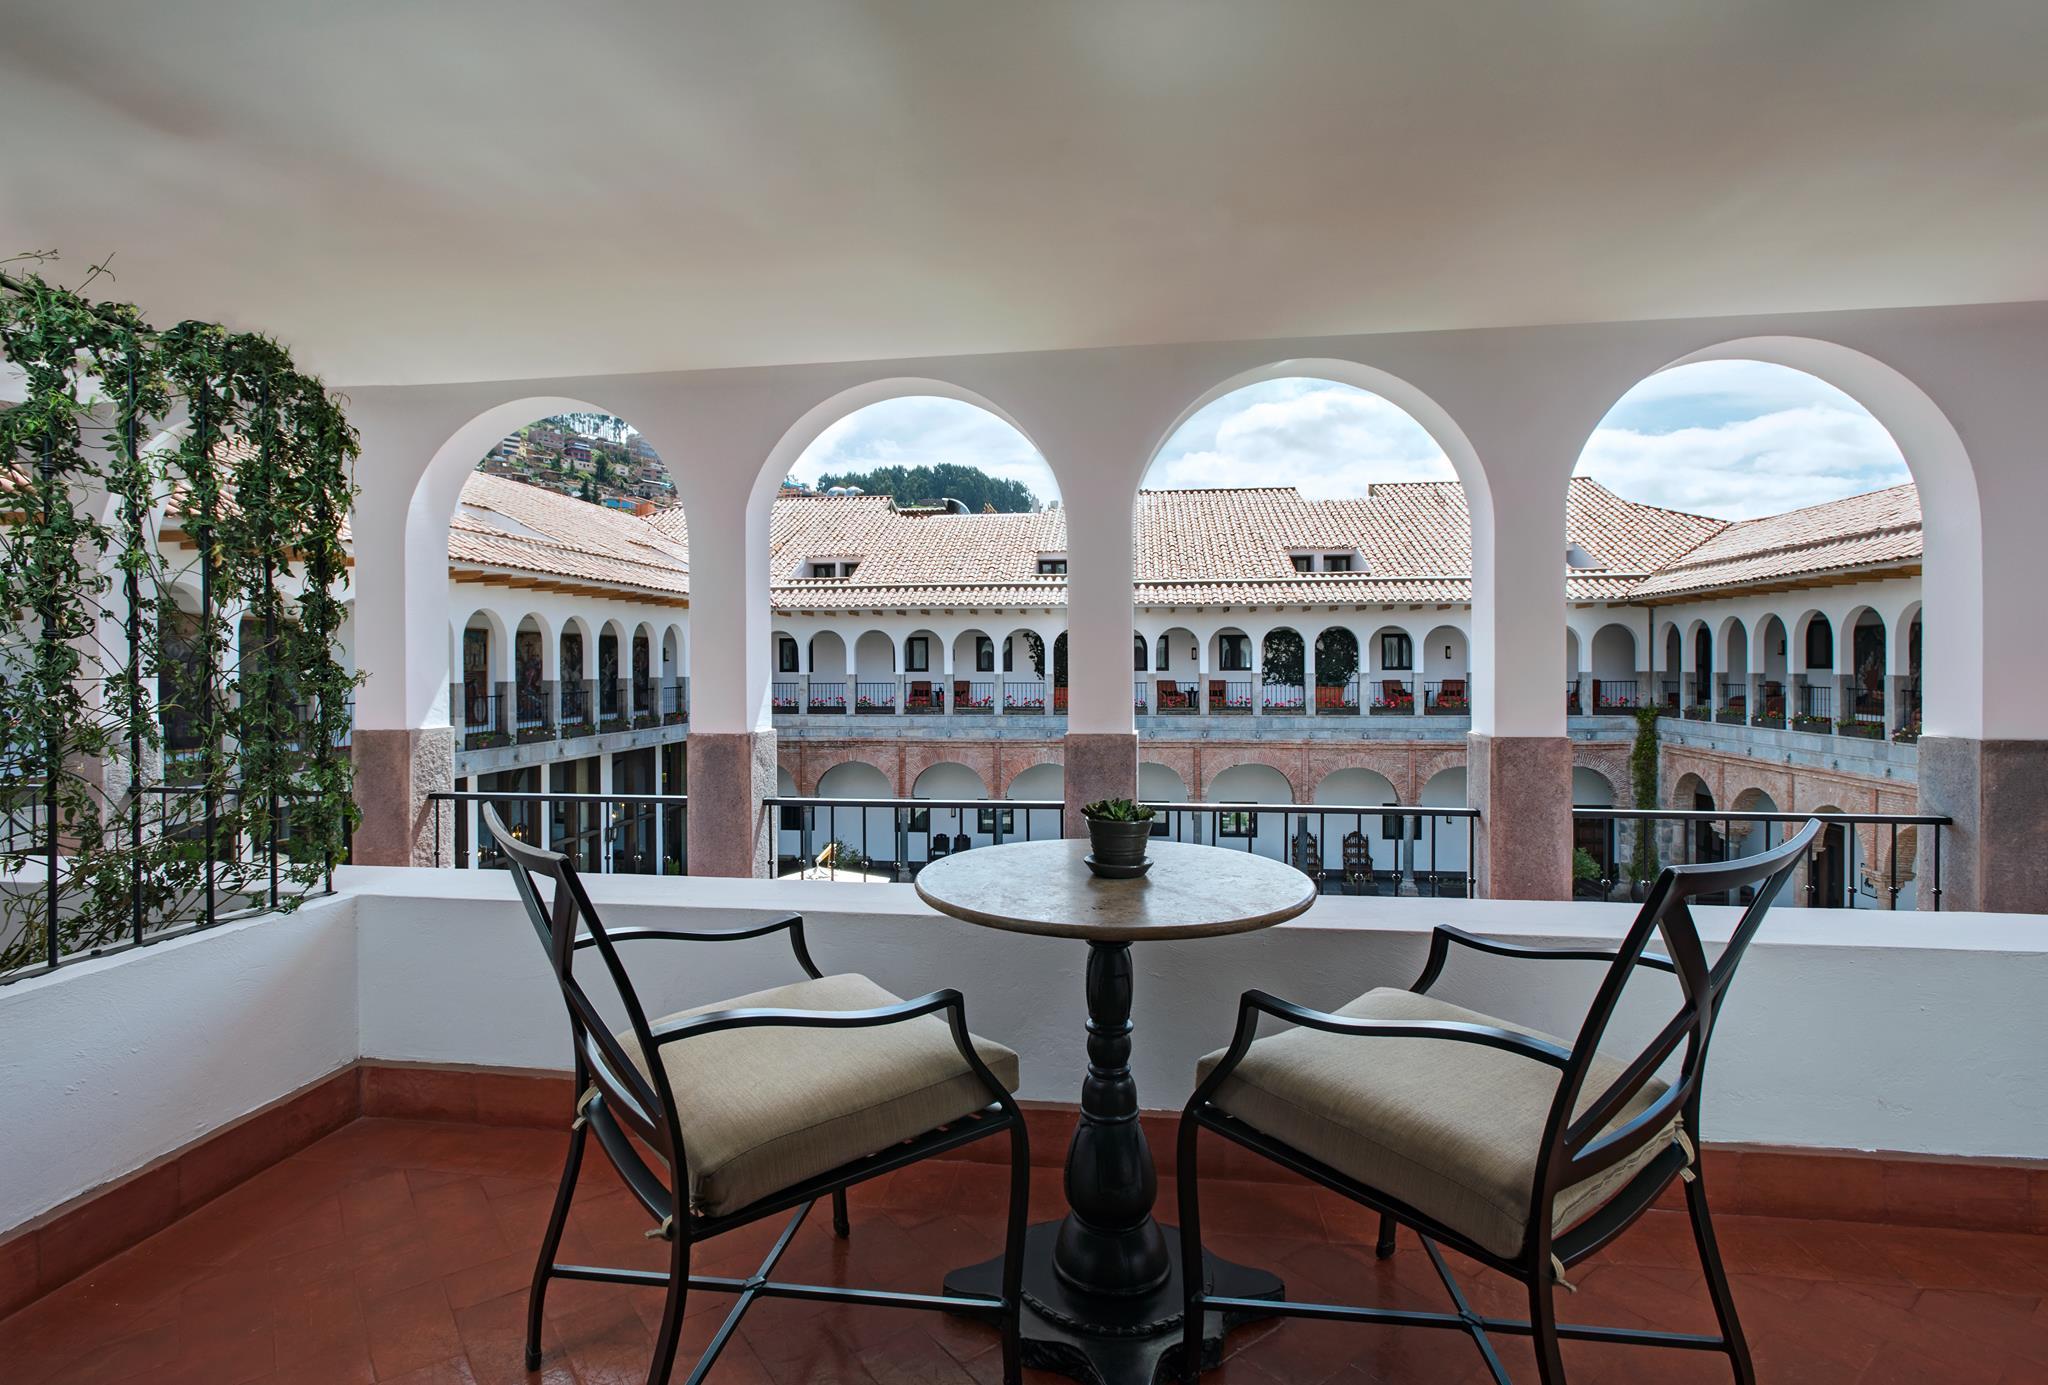 Desde sus ventanales tendrás una impresionante vista panorámica de todo el complejo. (Foto: FacebookJW Marriott El Convento)